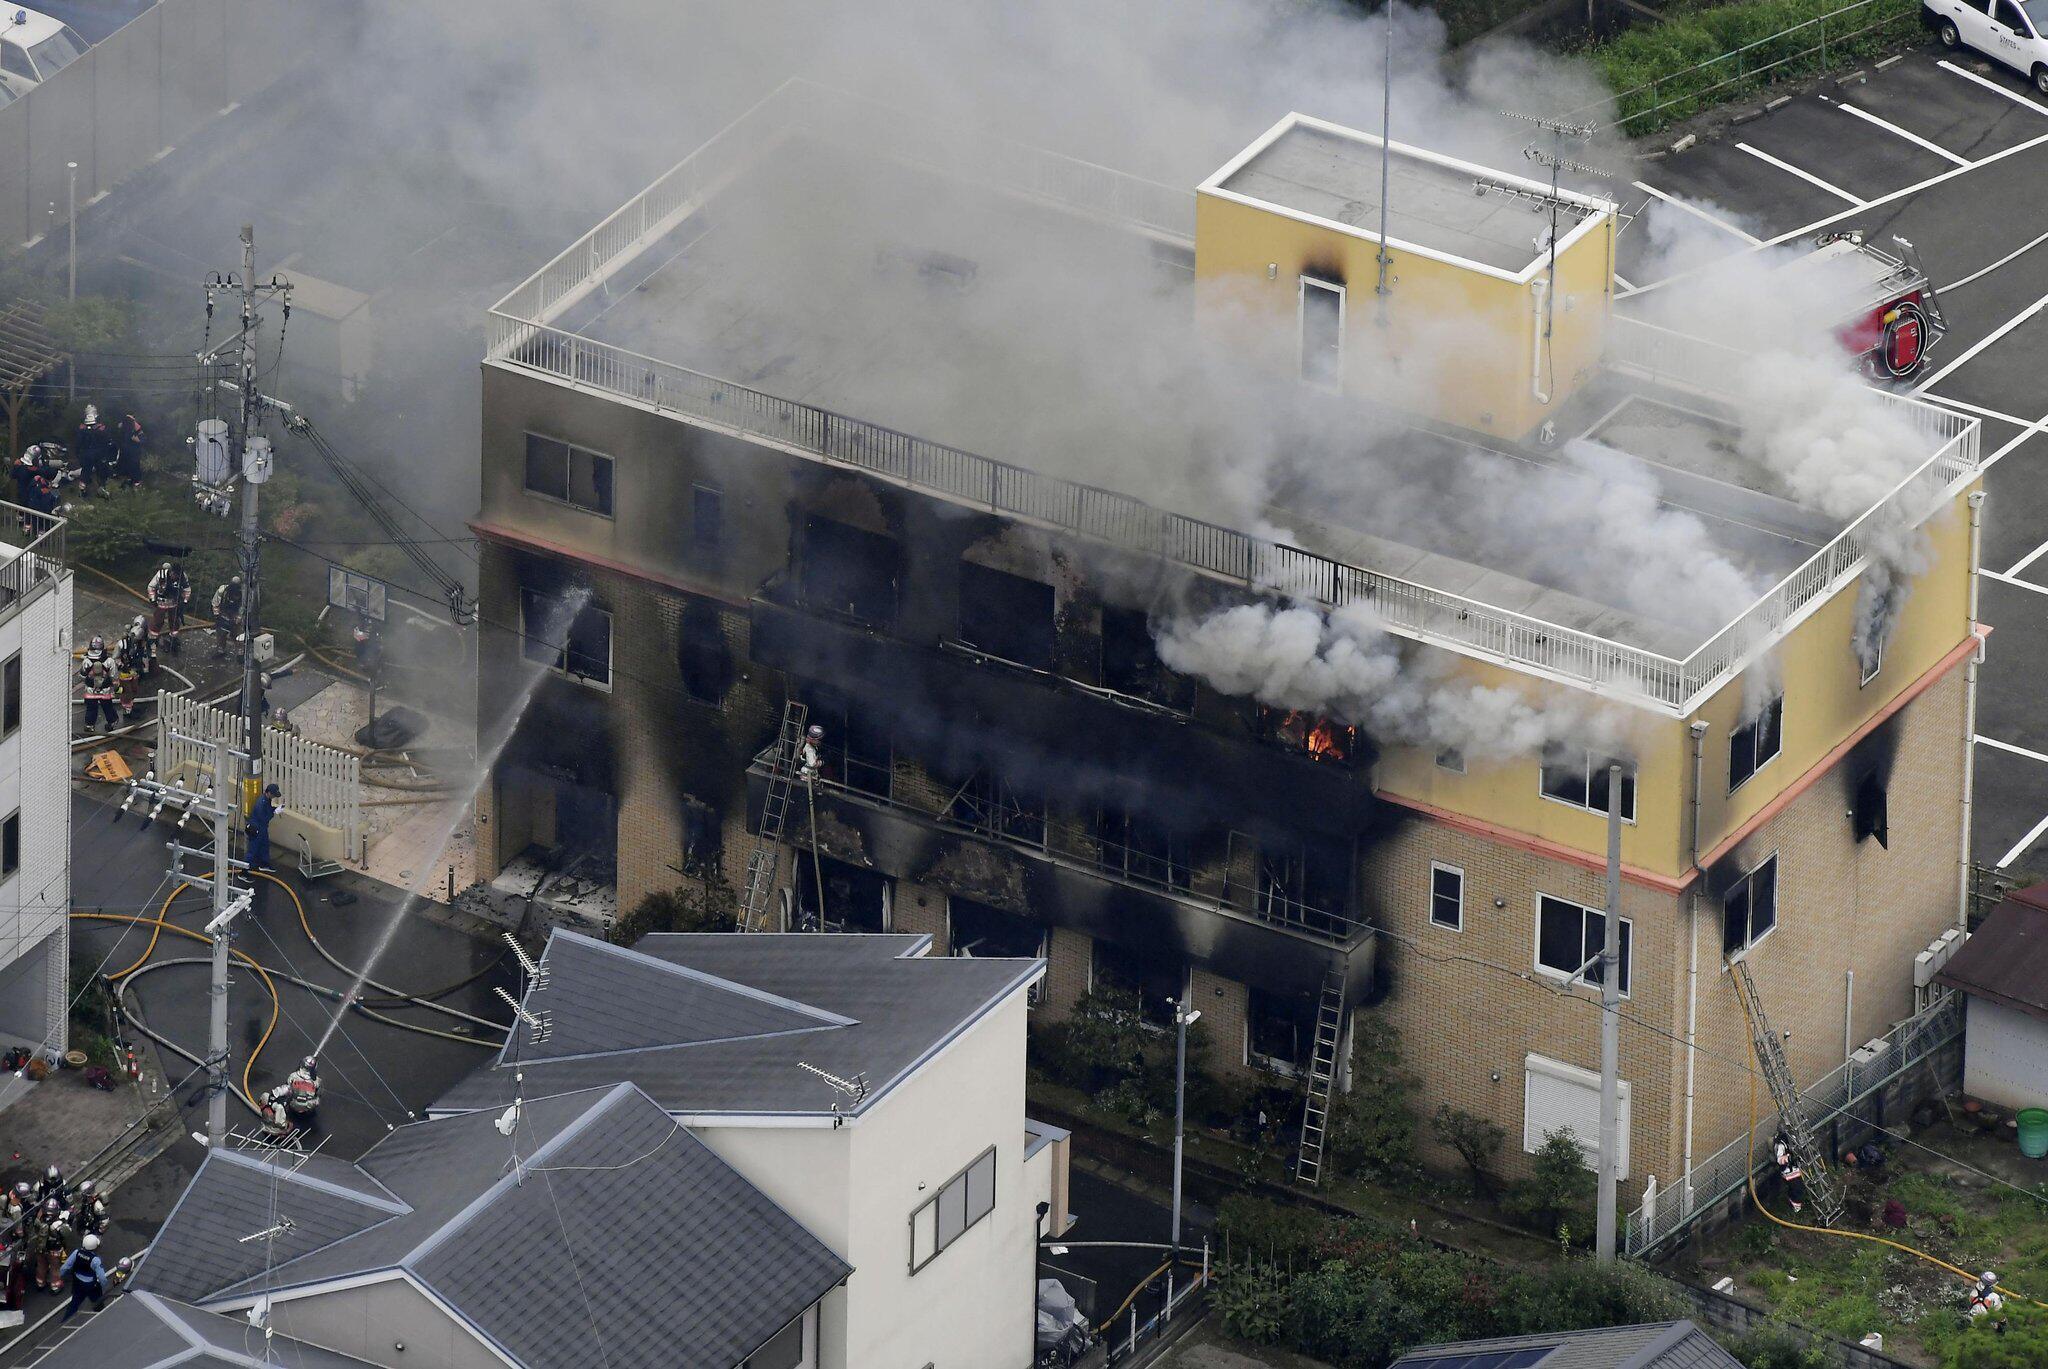 Bild zu Dutzende Verletzte bei mutmaßlichen Brandanschlag in Japan